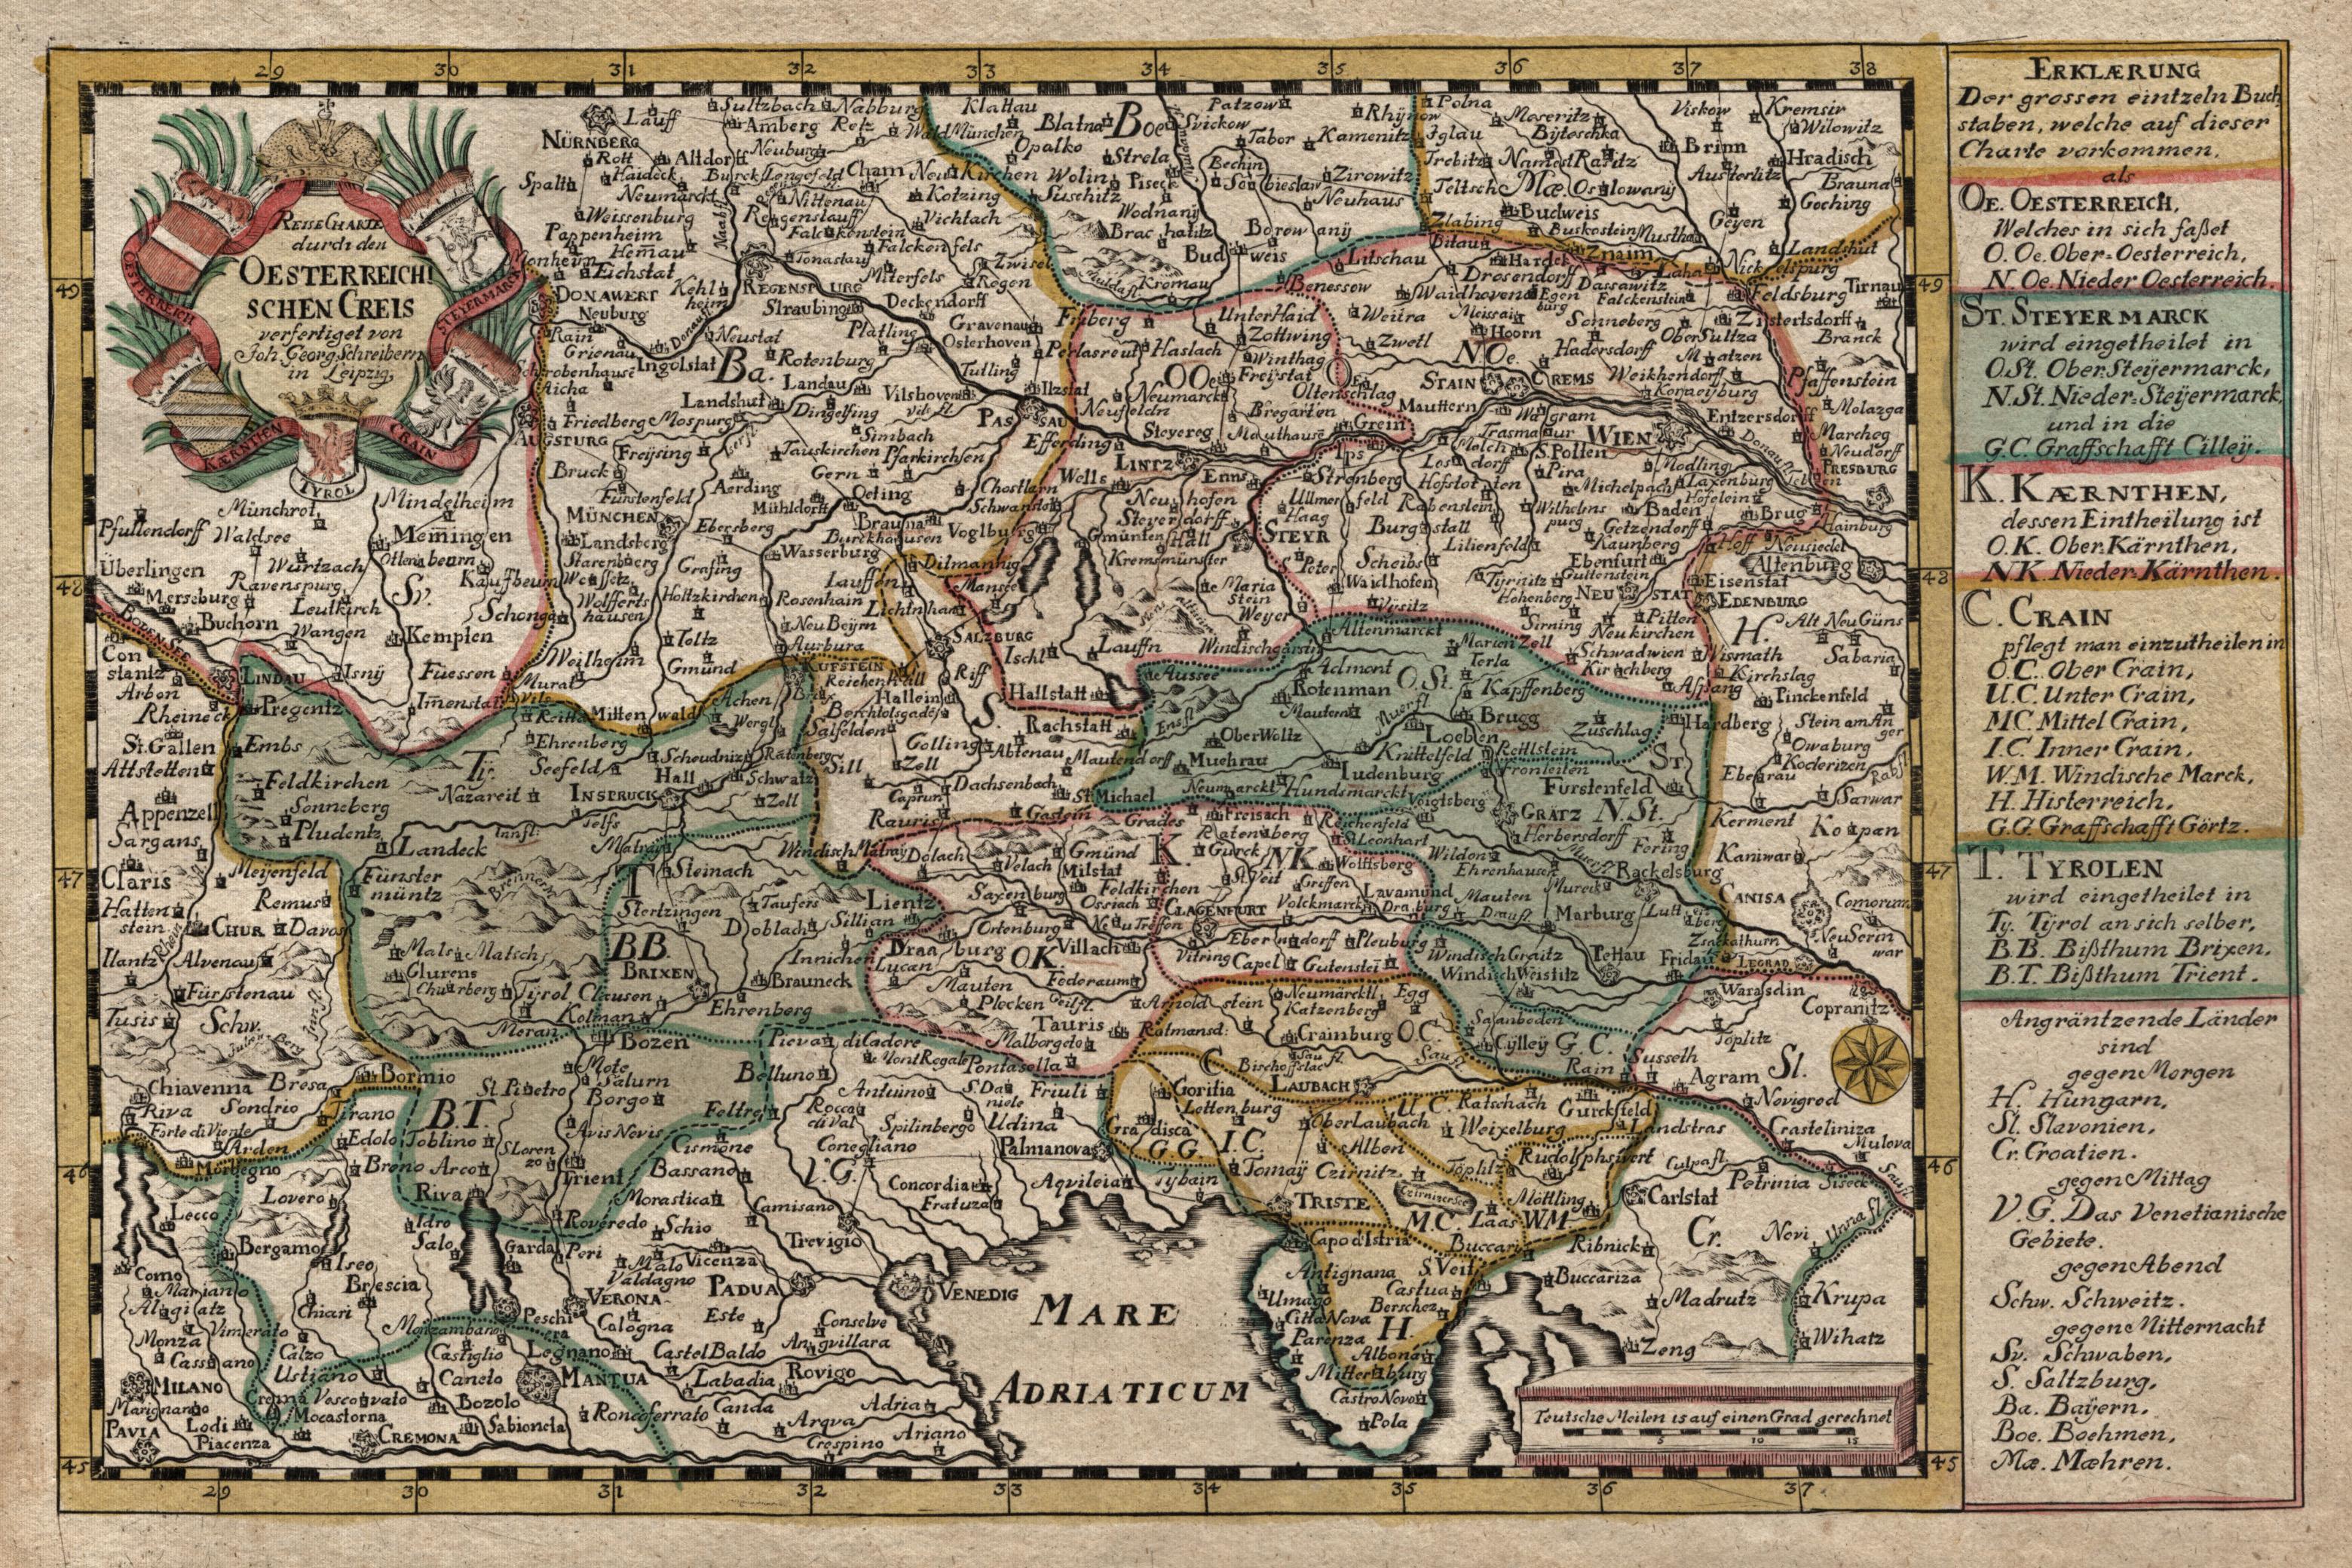 """Kst.- Karte, b. J. G. Schreiber, """"Reise: Österreichischer Kreis:"""